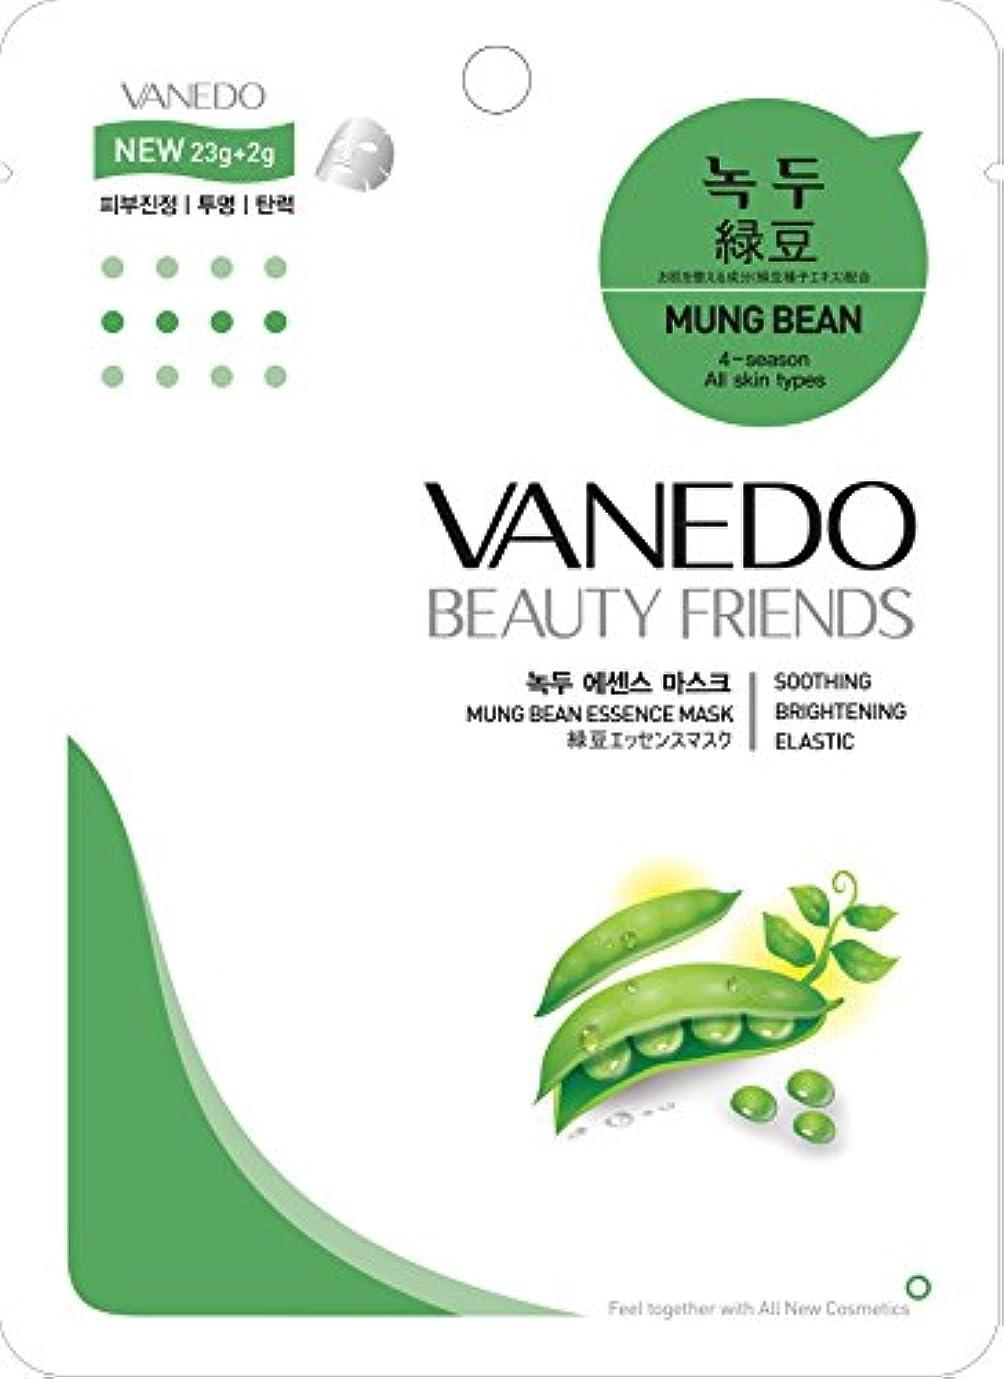 不運歌手数字【VANEDO】バネド シートマスク 緑豆 10枚セット/エッセンス/保湿/フェイスマスク/フェイスパック/マスクパック/韓国コスメ [メール便]